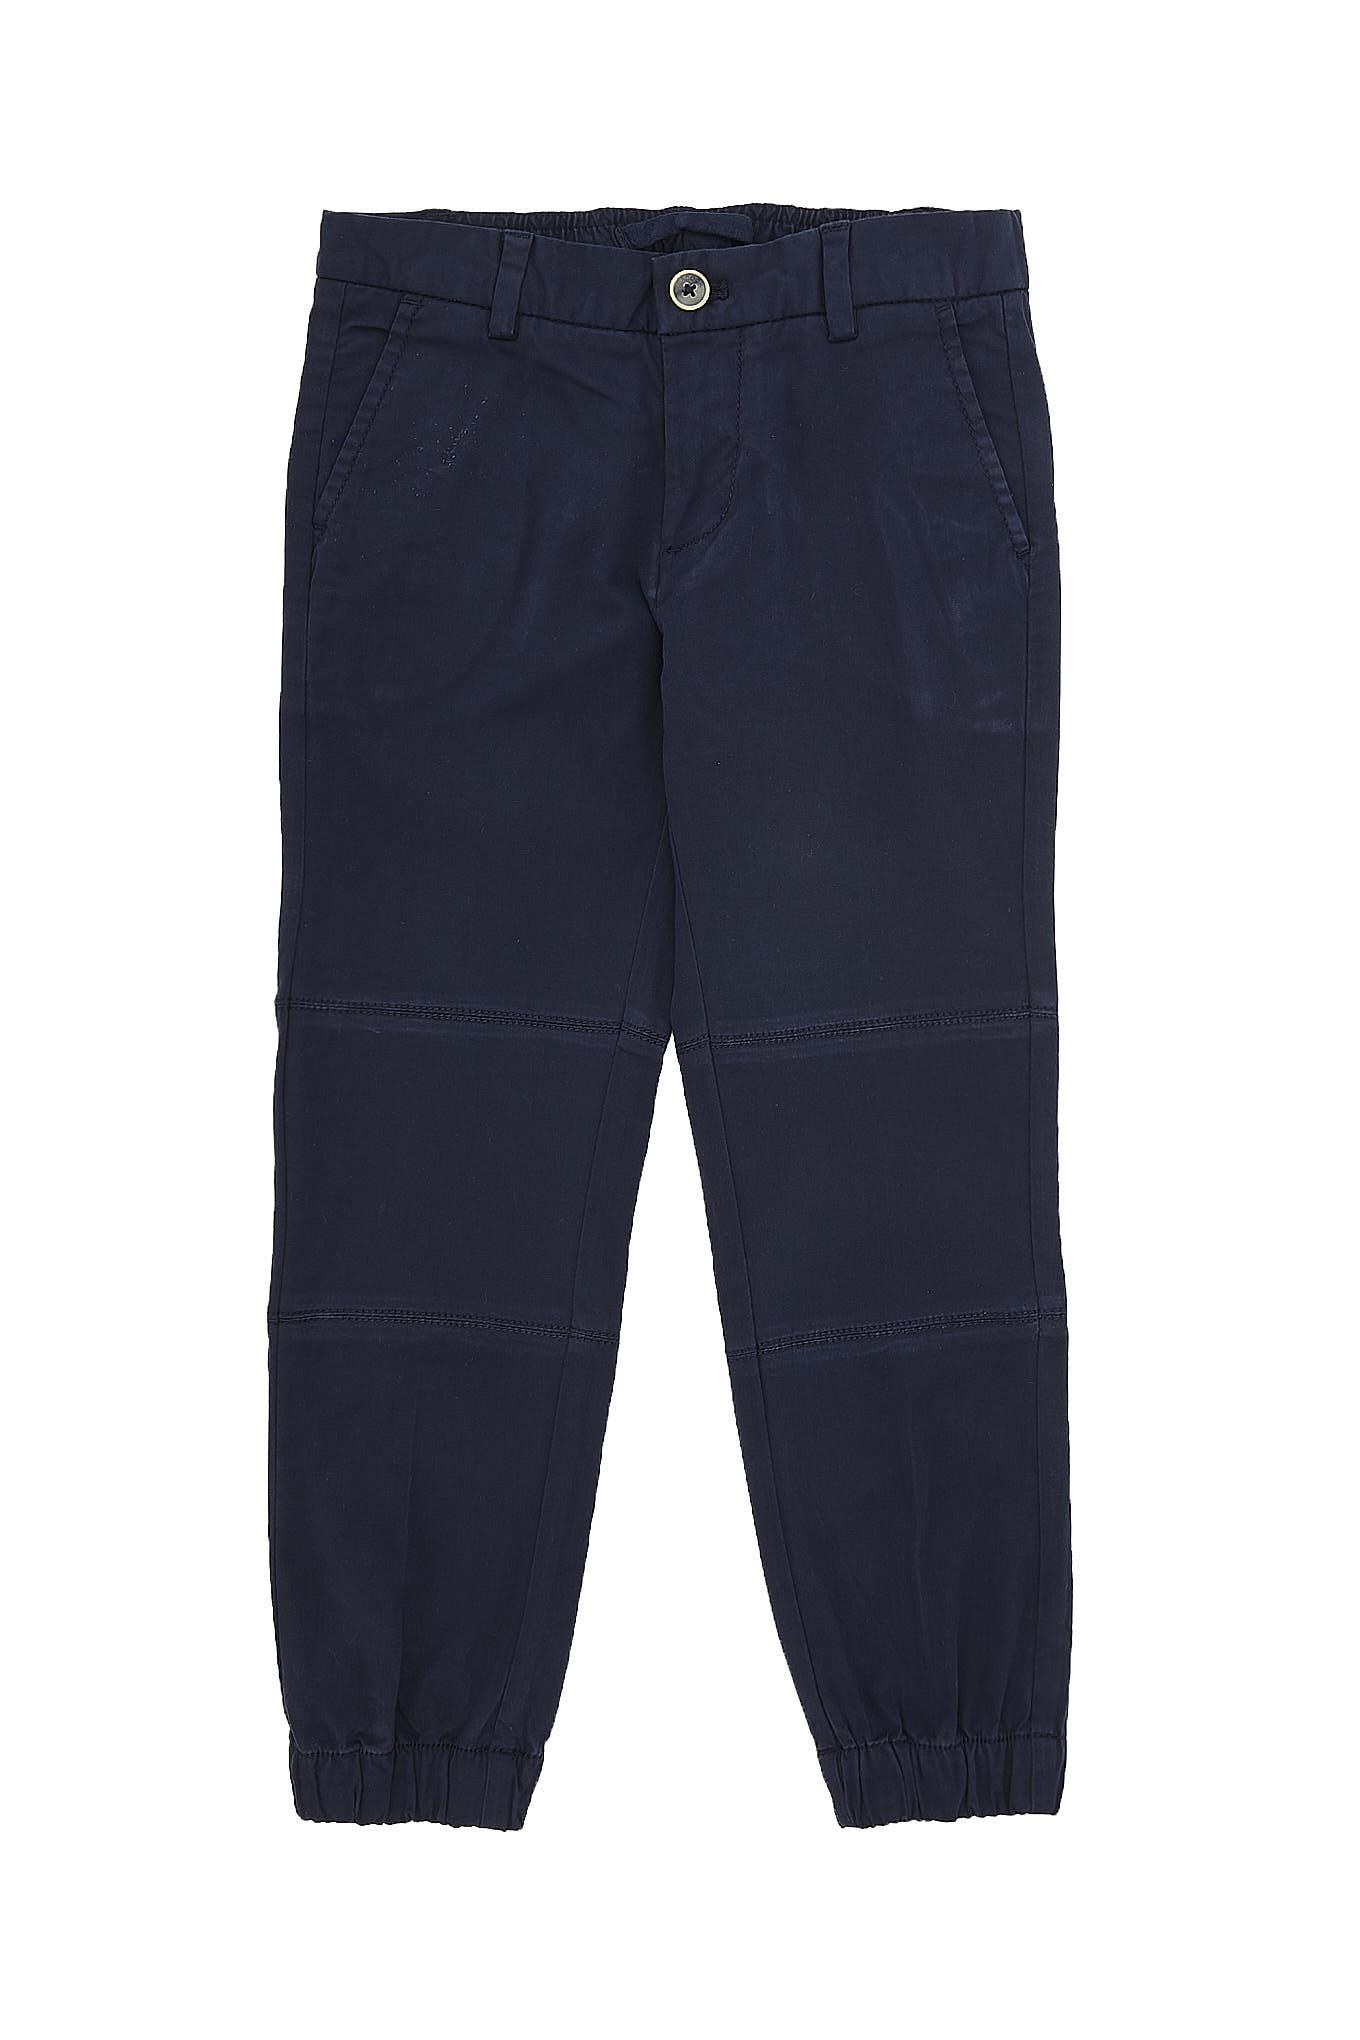 Calças Chino Azul Escuro Casual Rapaz